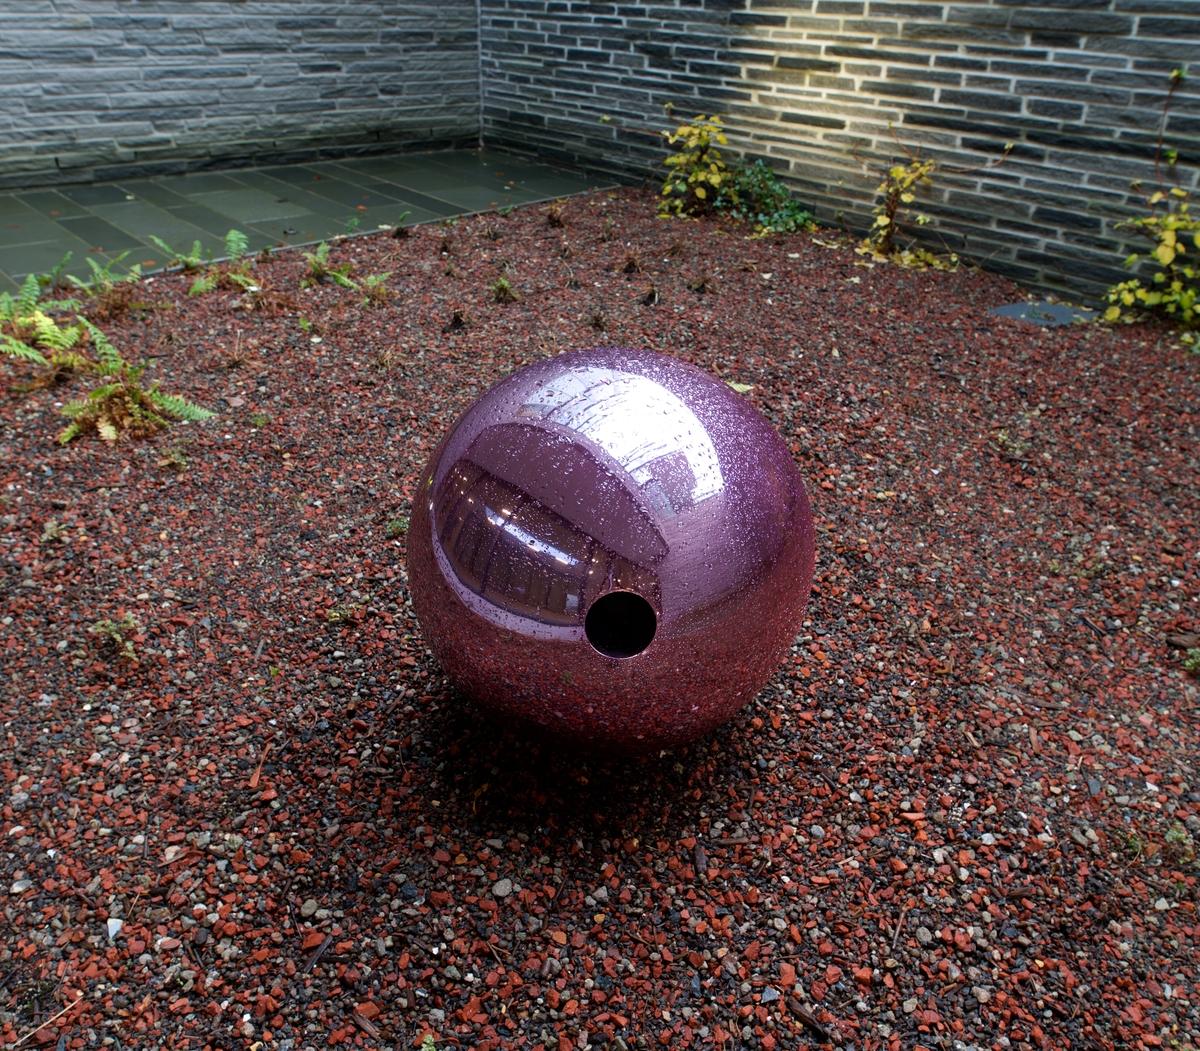 Skulpturene er separate objekter og varierte i form og størrelse. Hullet i alle perlene binder det visuelle og idemessige sammen. En perle i hver hage ligger løst omkring.